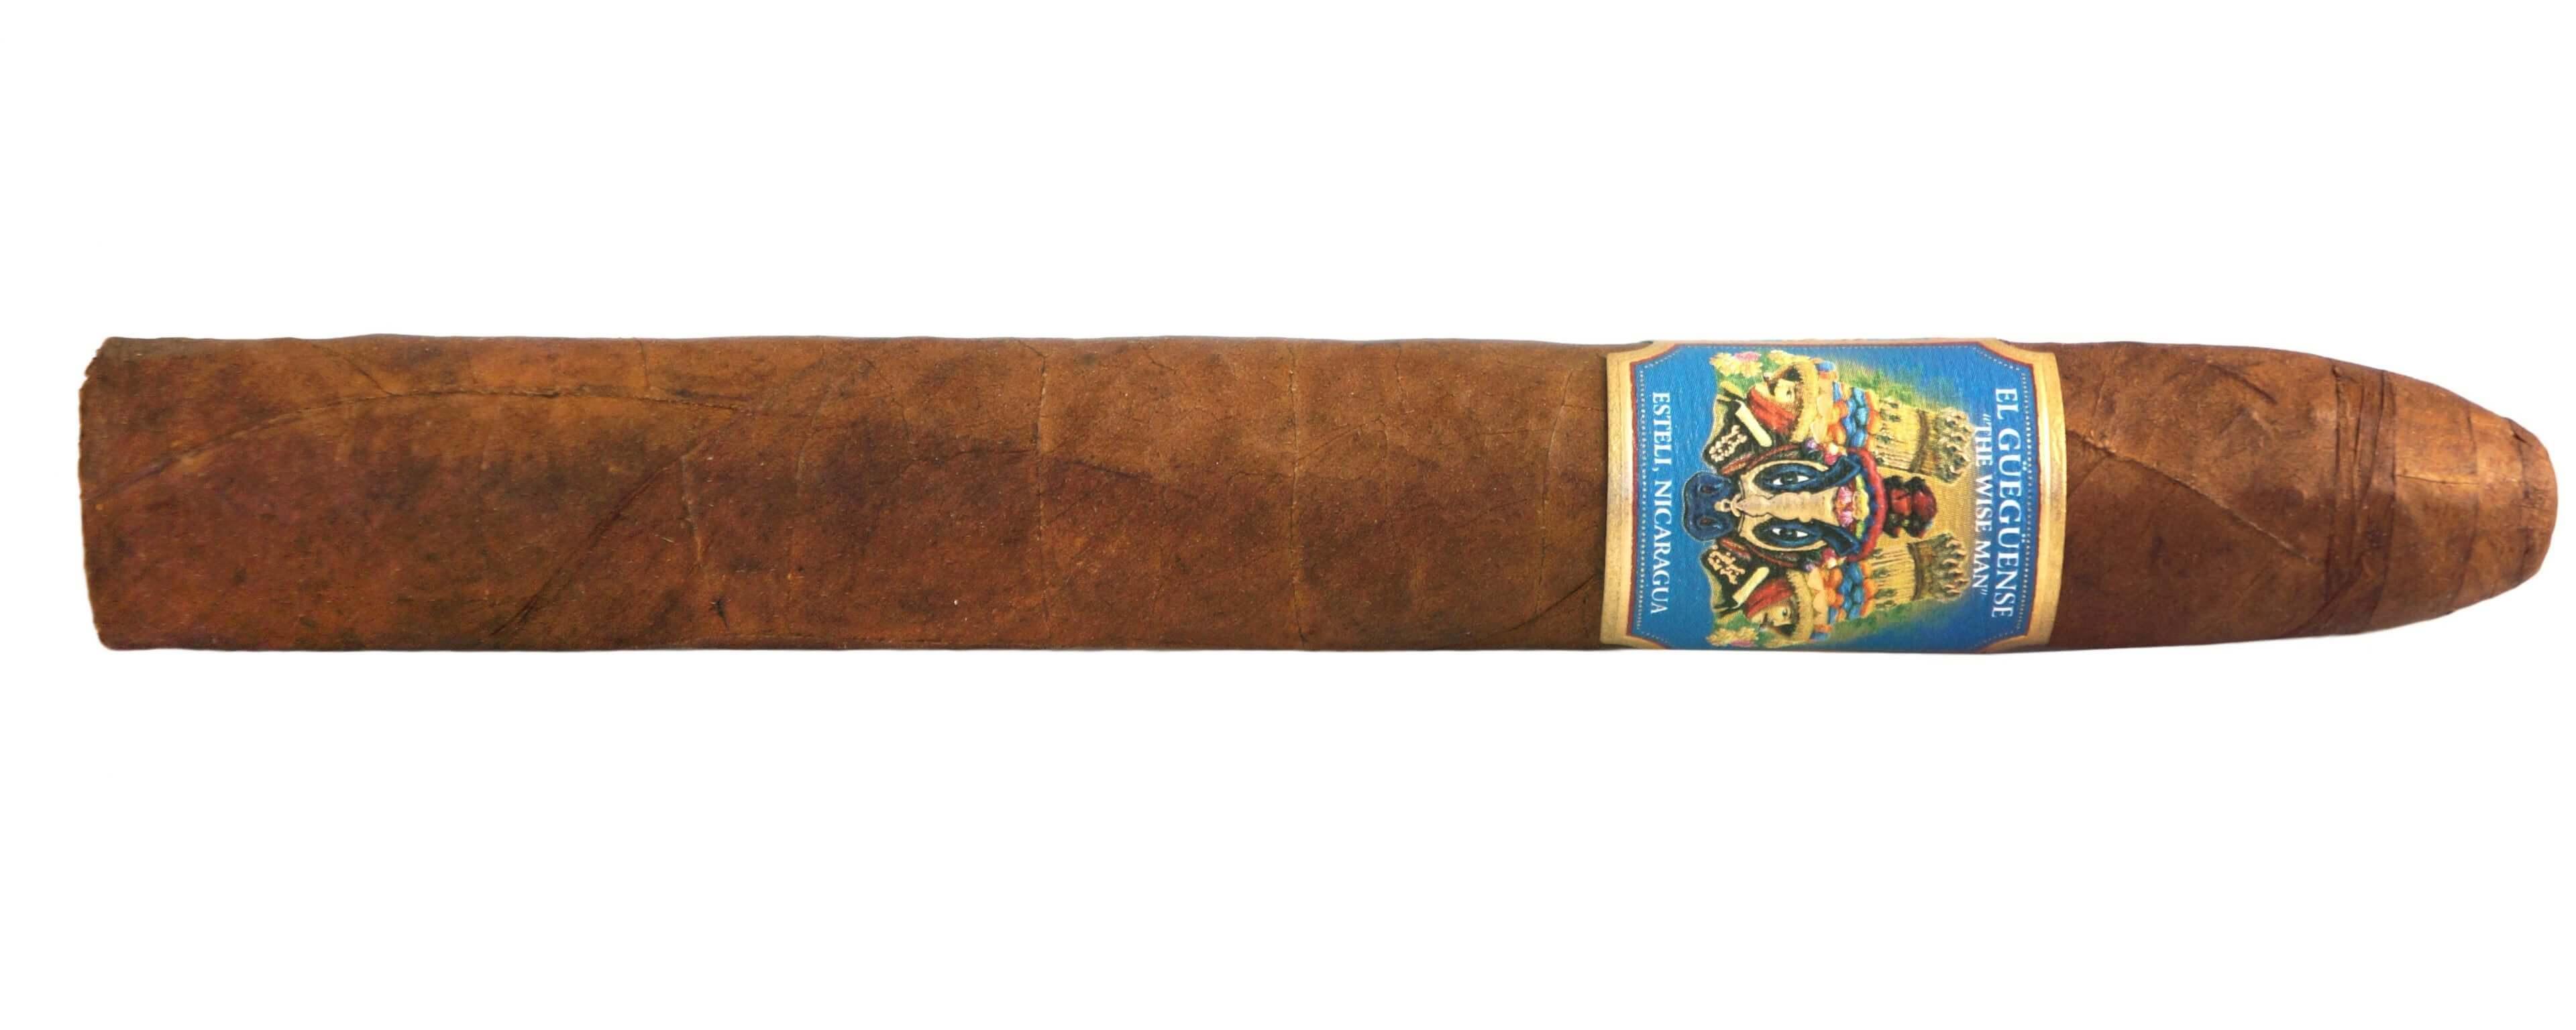 Blind Cigar Review: Foundation | El Güegüense Torpedo